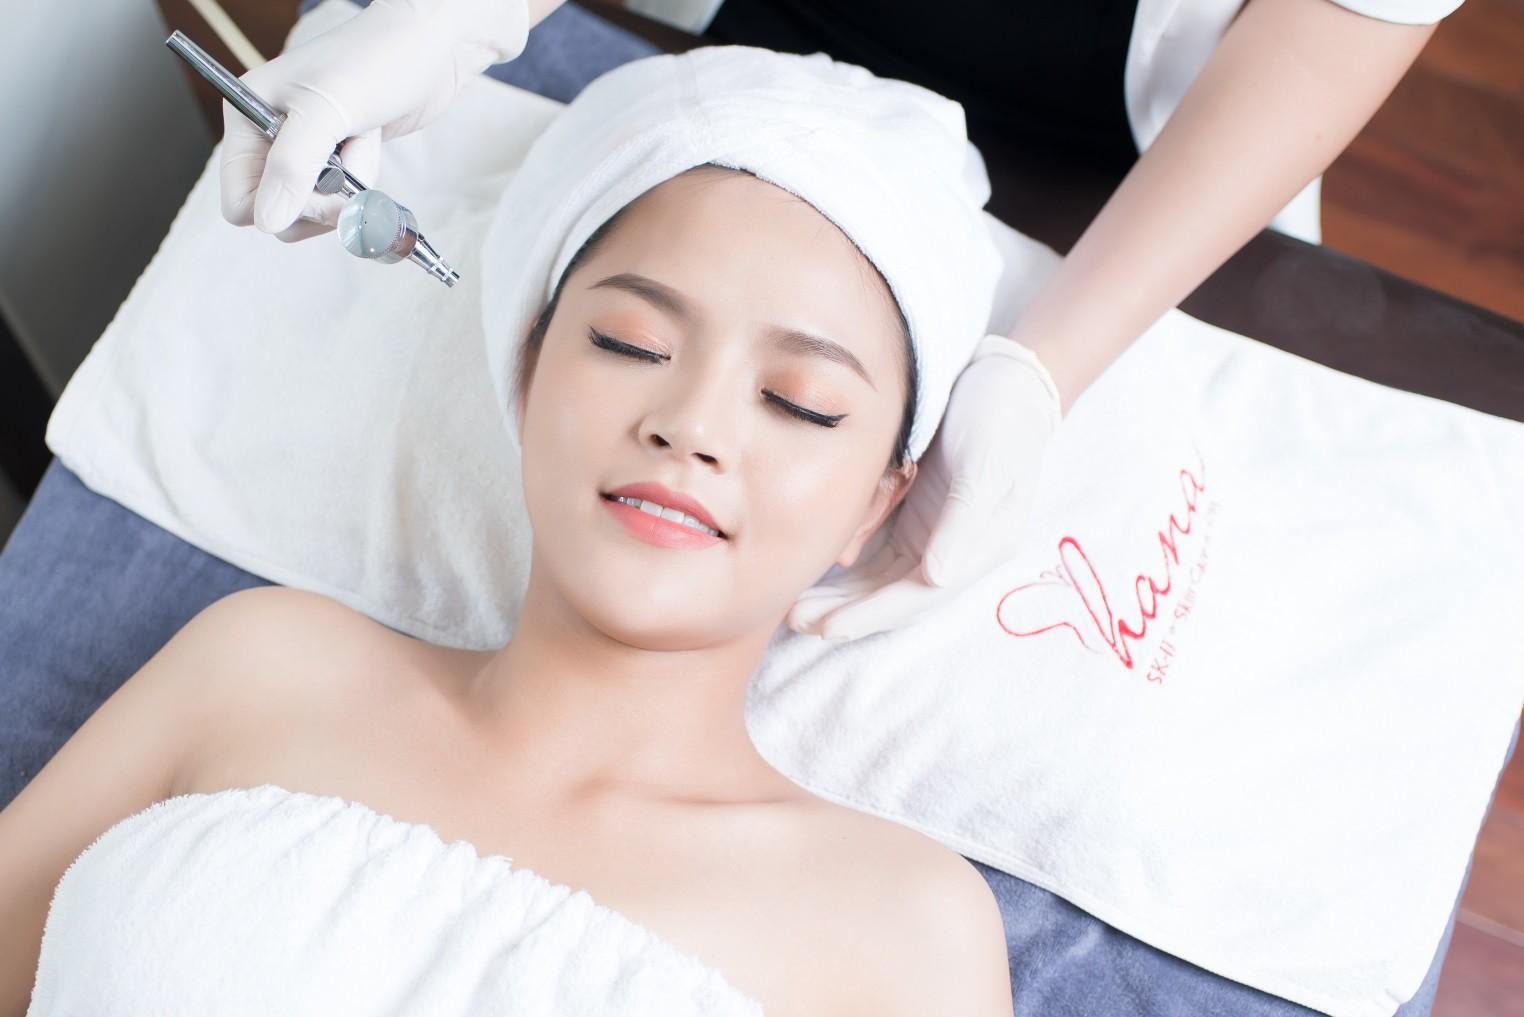 Quà tặng 8/3 hấp dẫn cho các nàng từ HANA Beauty Spa - Ảnh 2.